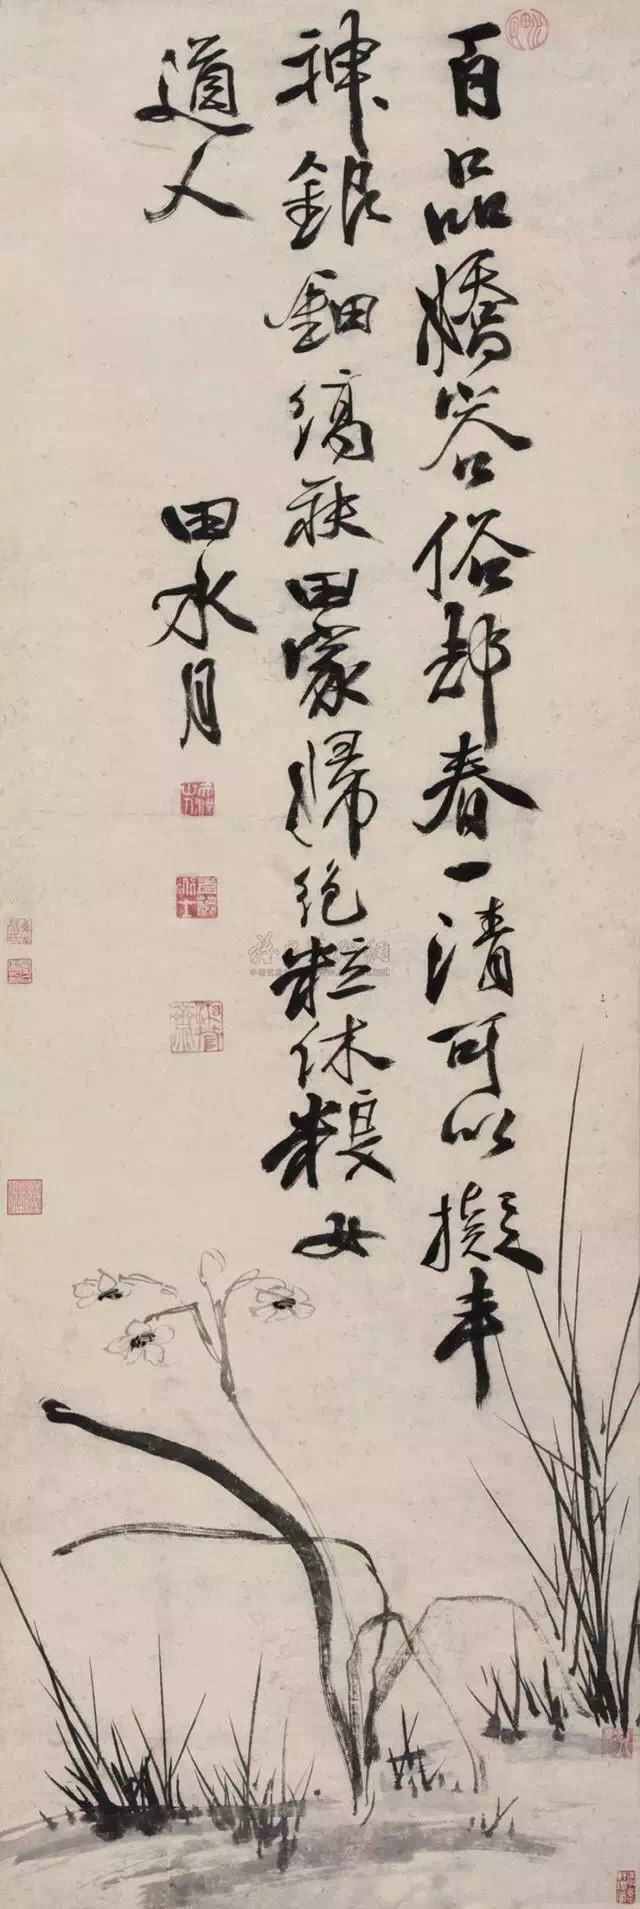 徐渭,他把笔墨用到极致。徐渭(1521-1593)山阴(今浙江绍兴)人